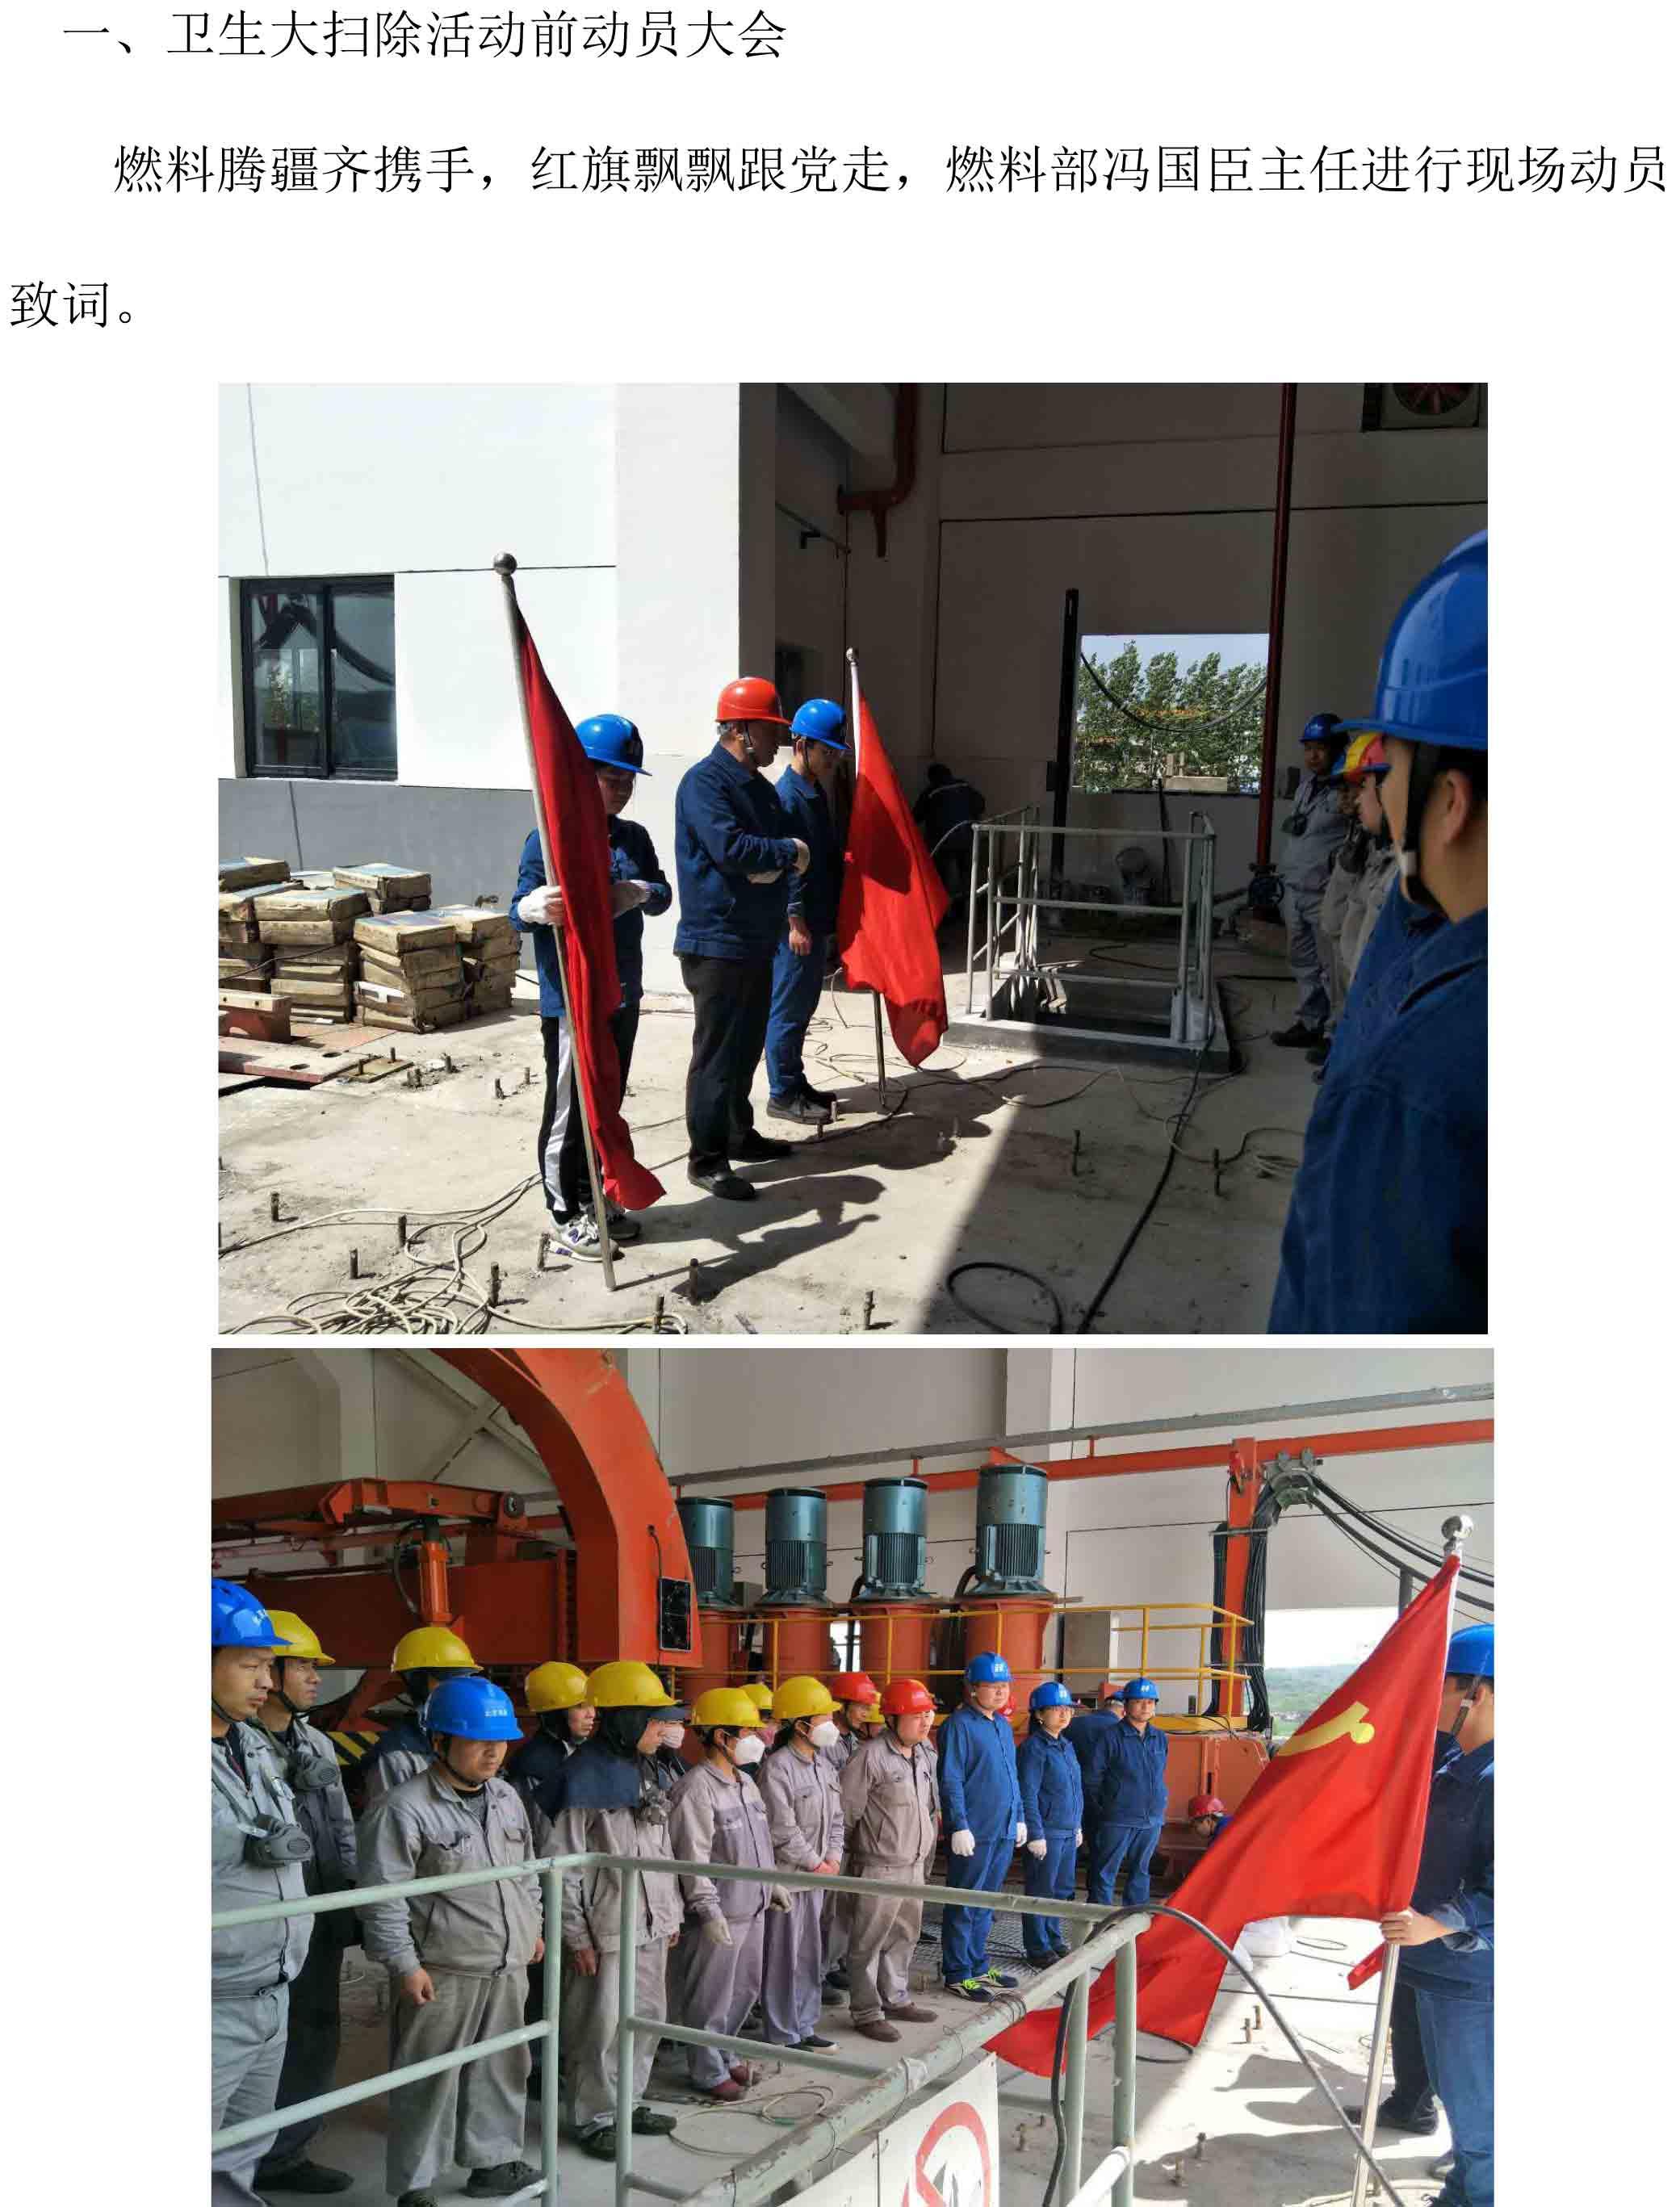 華能騰疆攜手并進-共創美好廠區環境-2.jpg